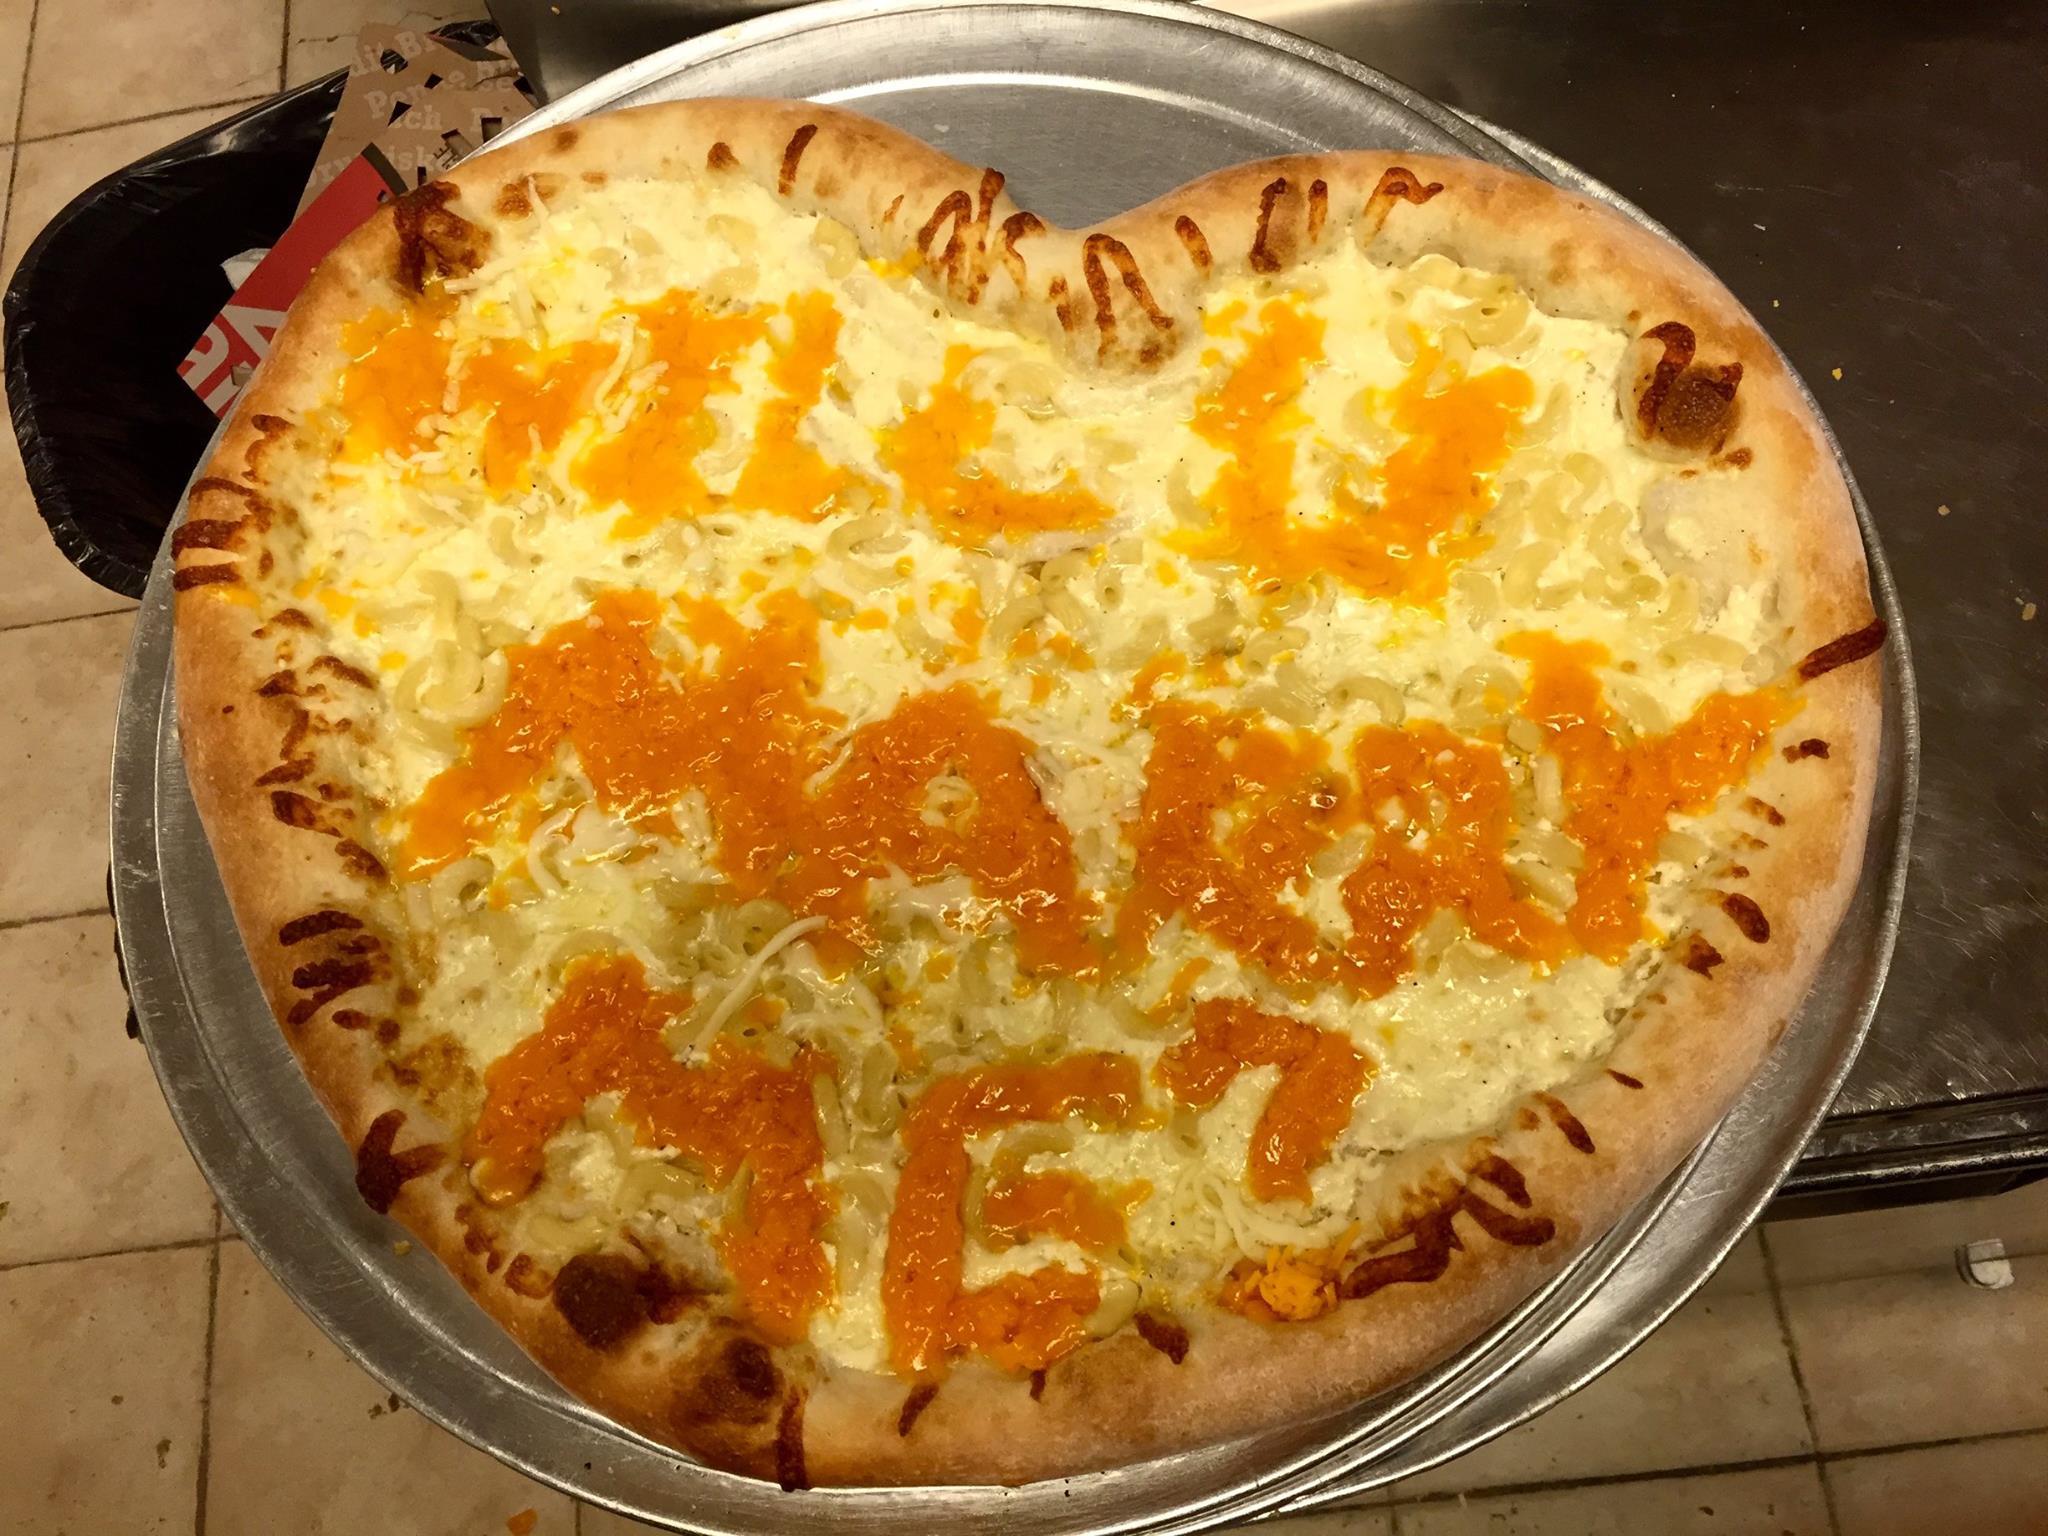 Courtesy: Ian's Pizza Madison